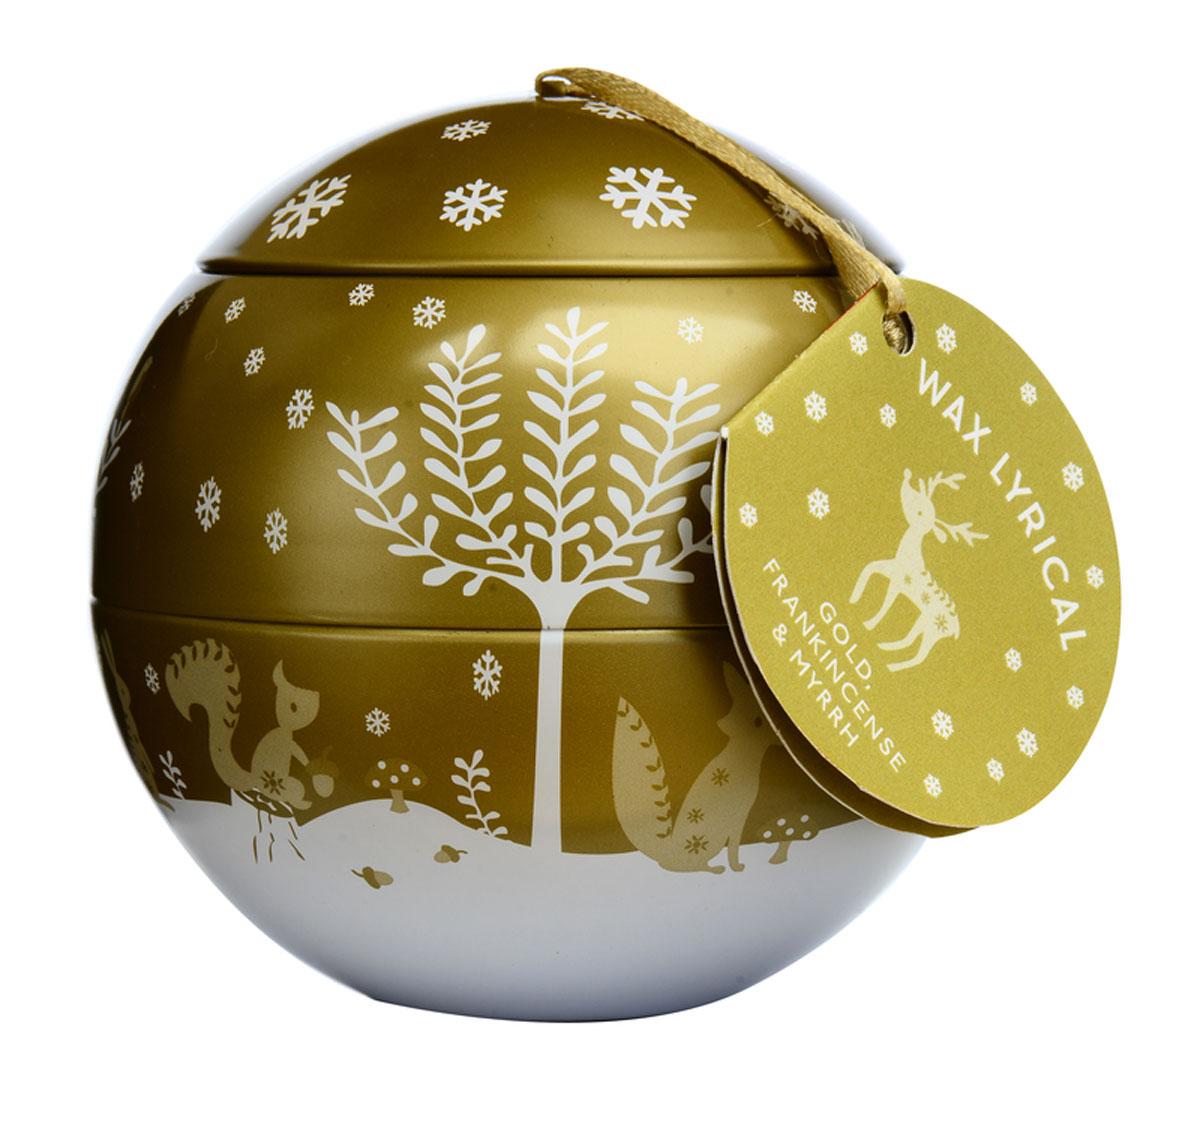 Свеча ароматизированная Wax Lyrical Зимний лес, 430 гCHR2019Богатый аромат, наполняющий пространство бархатными нотами карамели, ванили и цветами жасмина. Интересная теплая композиция, созданная специально для уютных зимних вечеров.